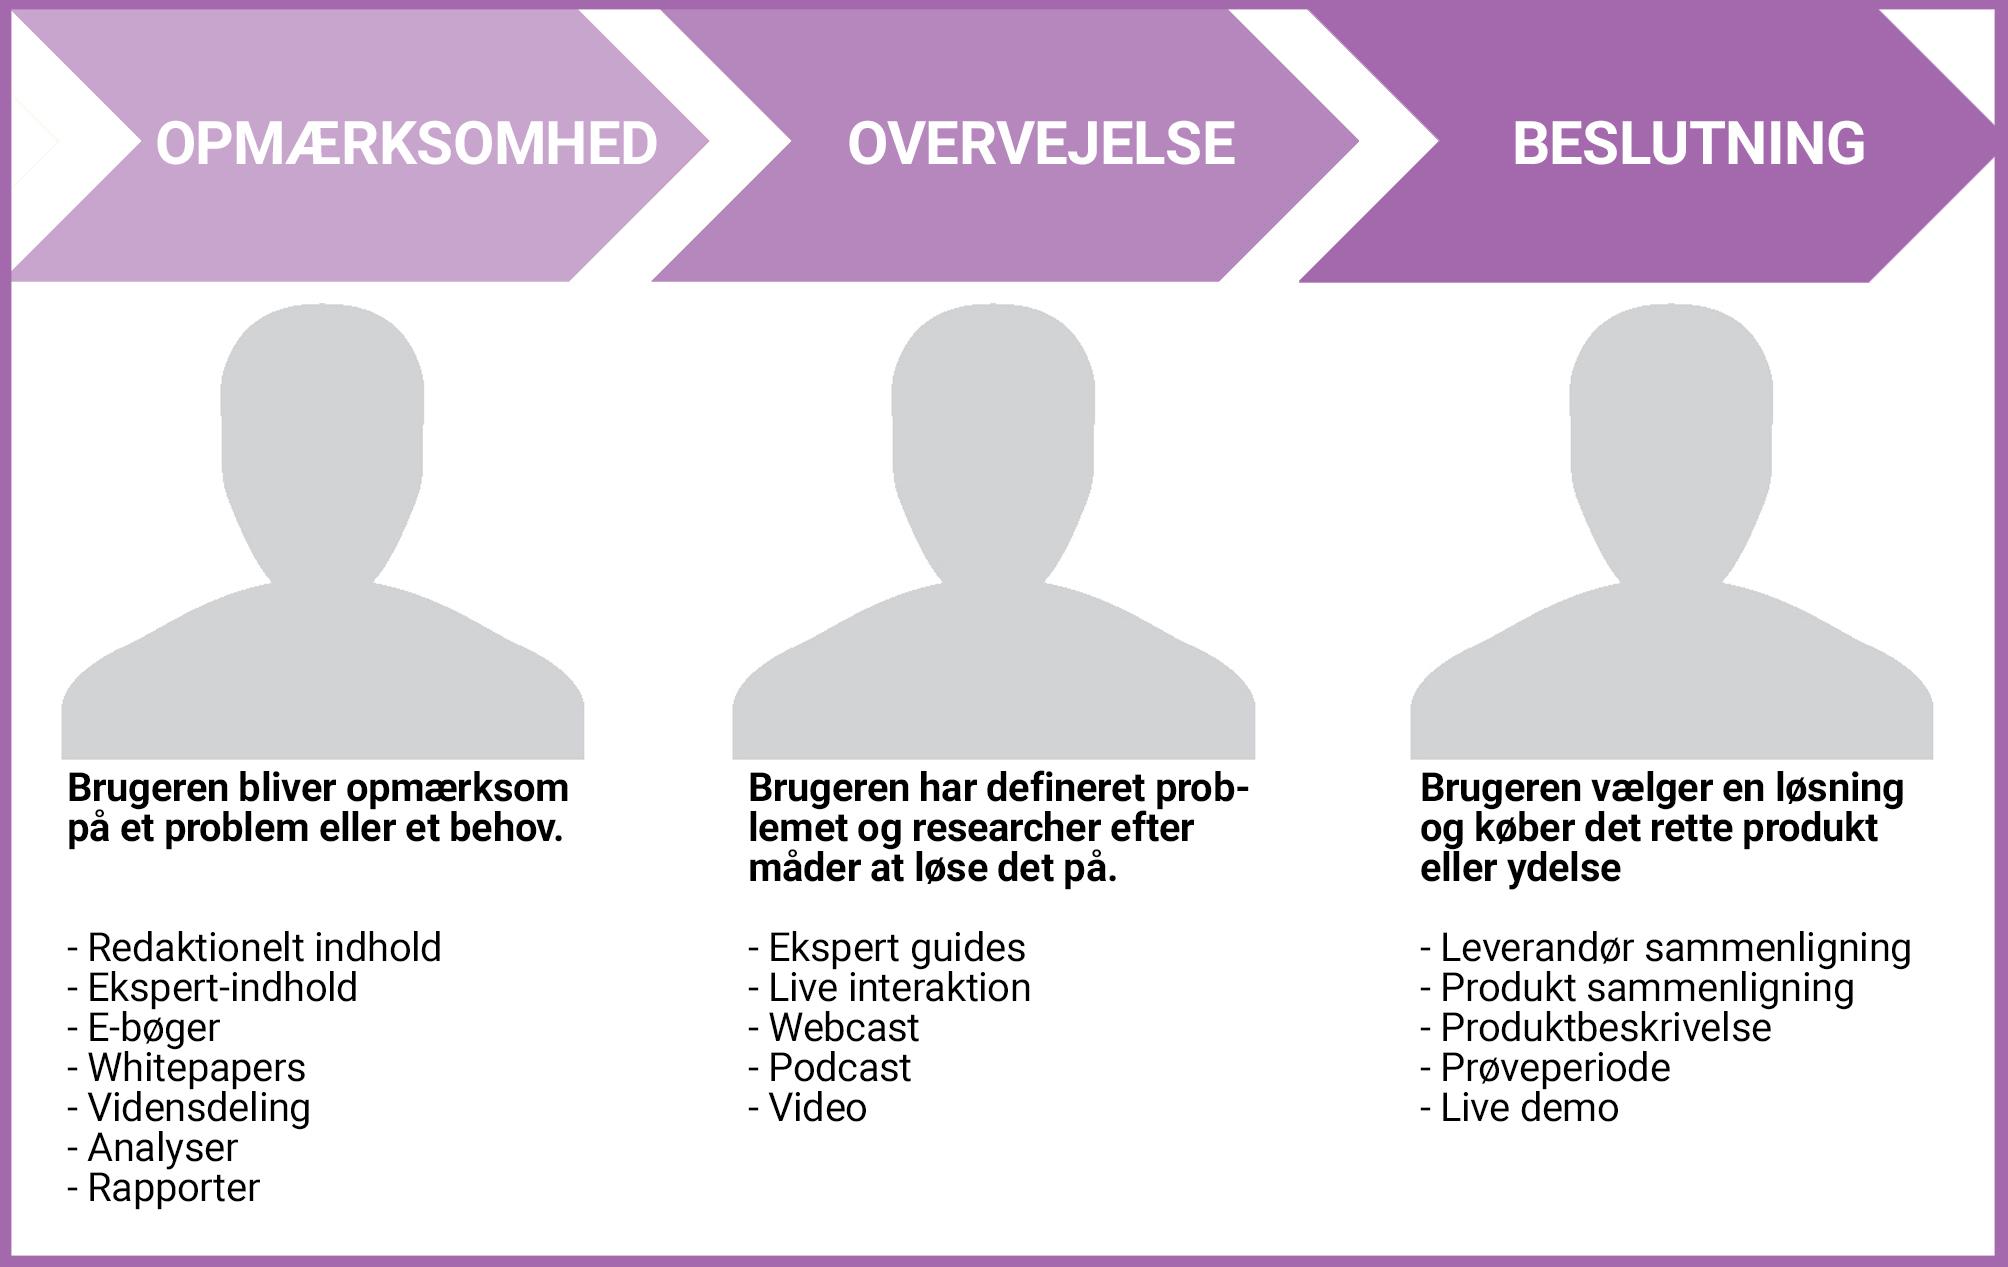 Brugerrejse har 3 stadier: Opmærksomhed, overvejelse og beslutning